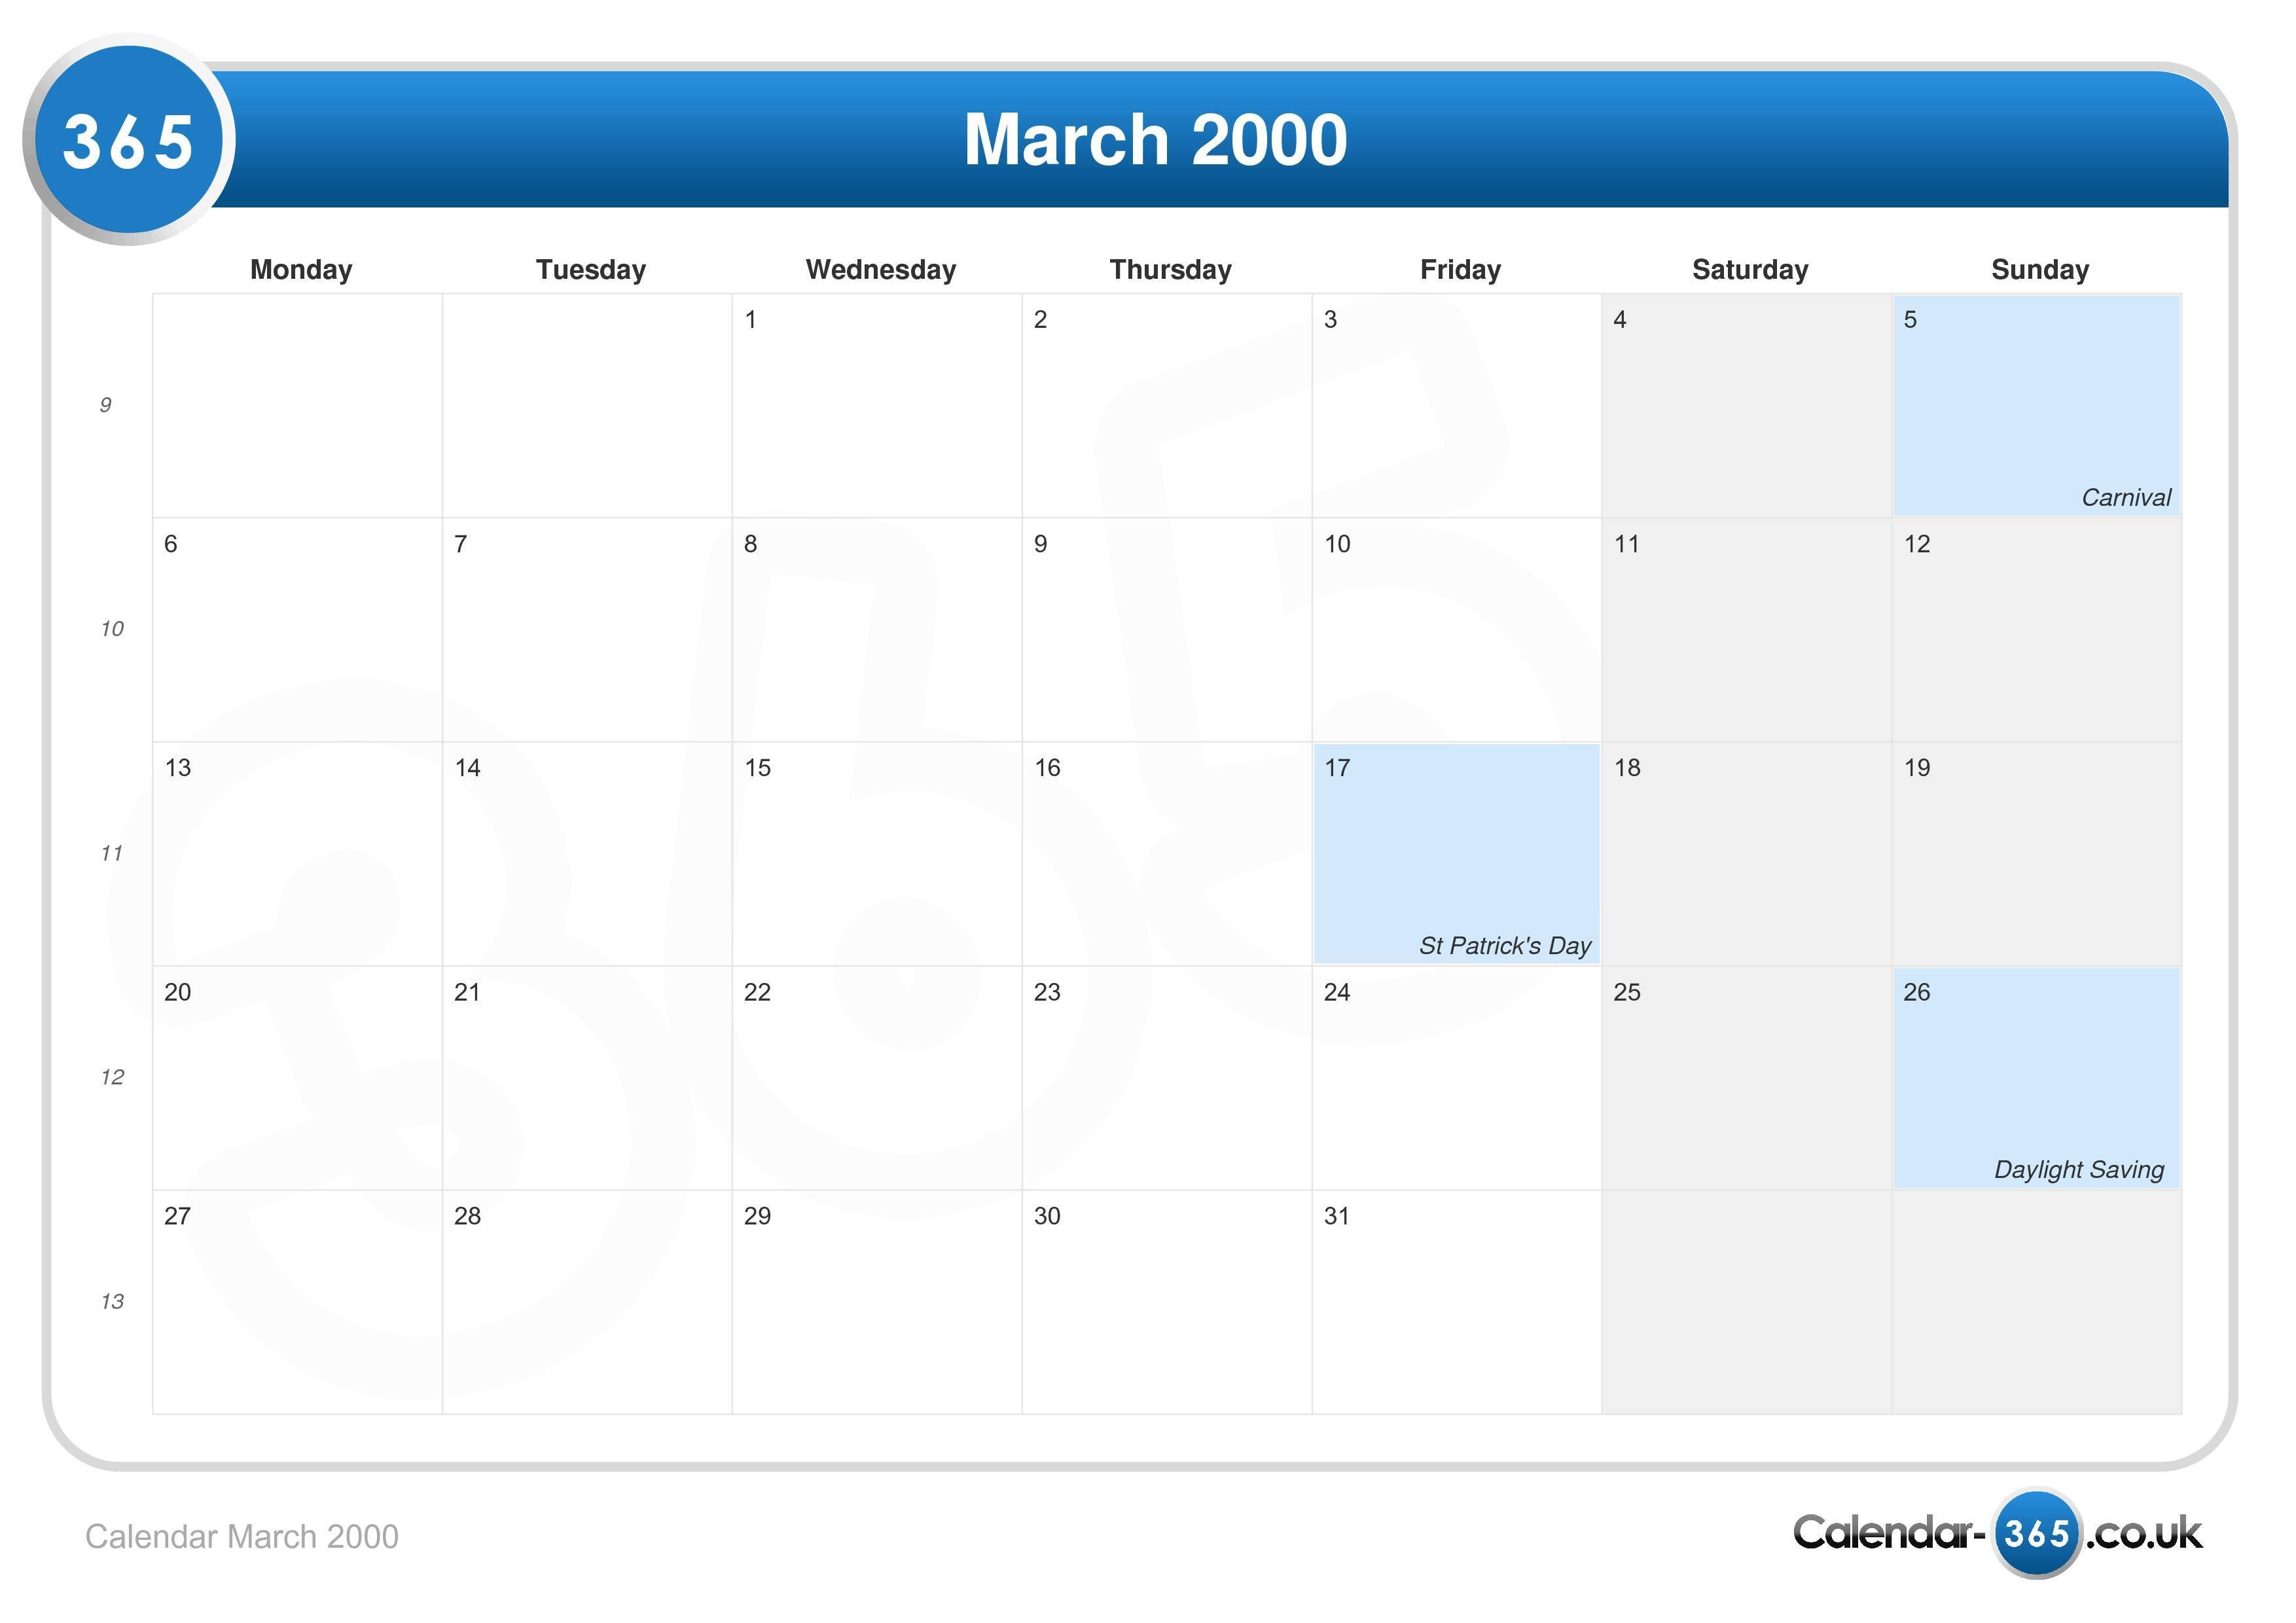 Calendar March 2000